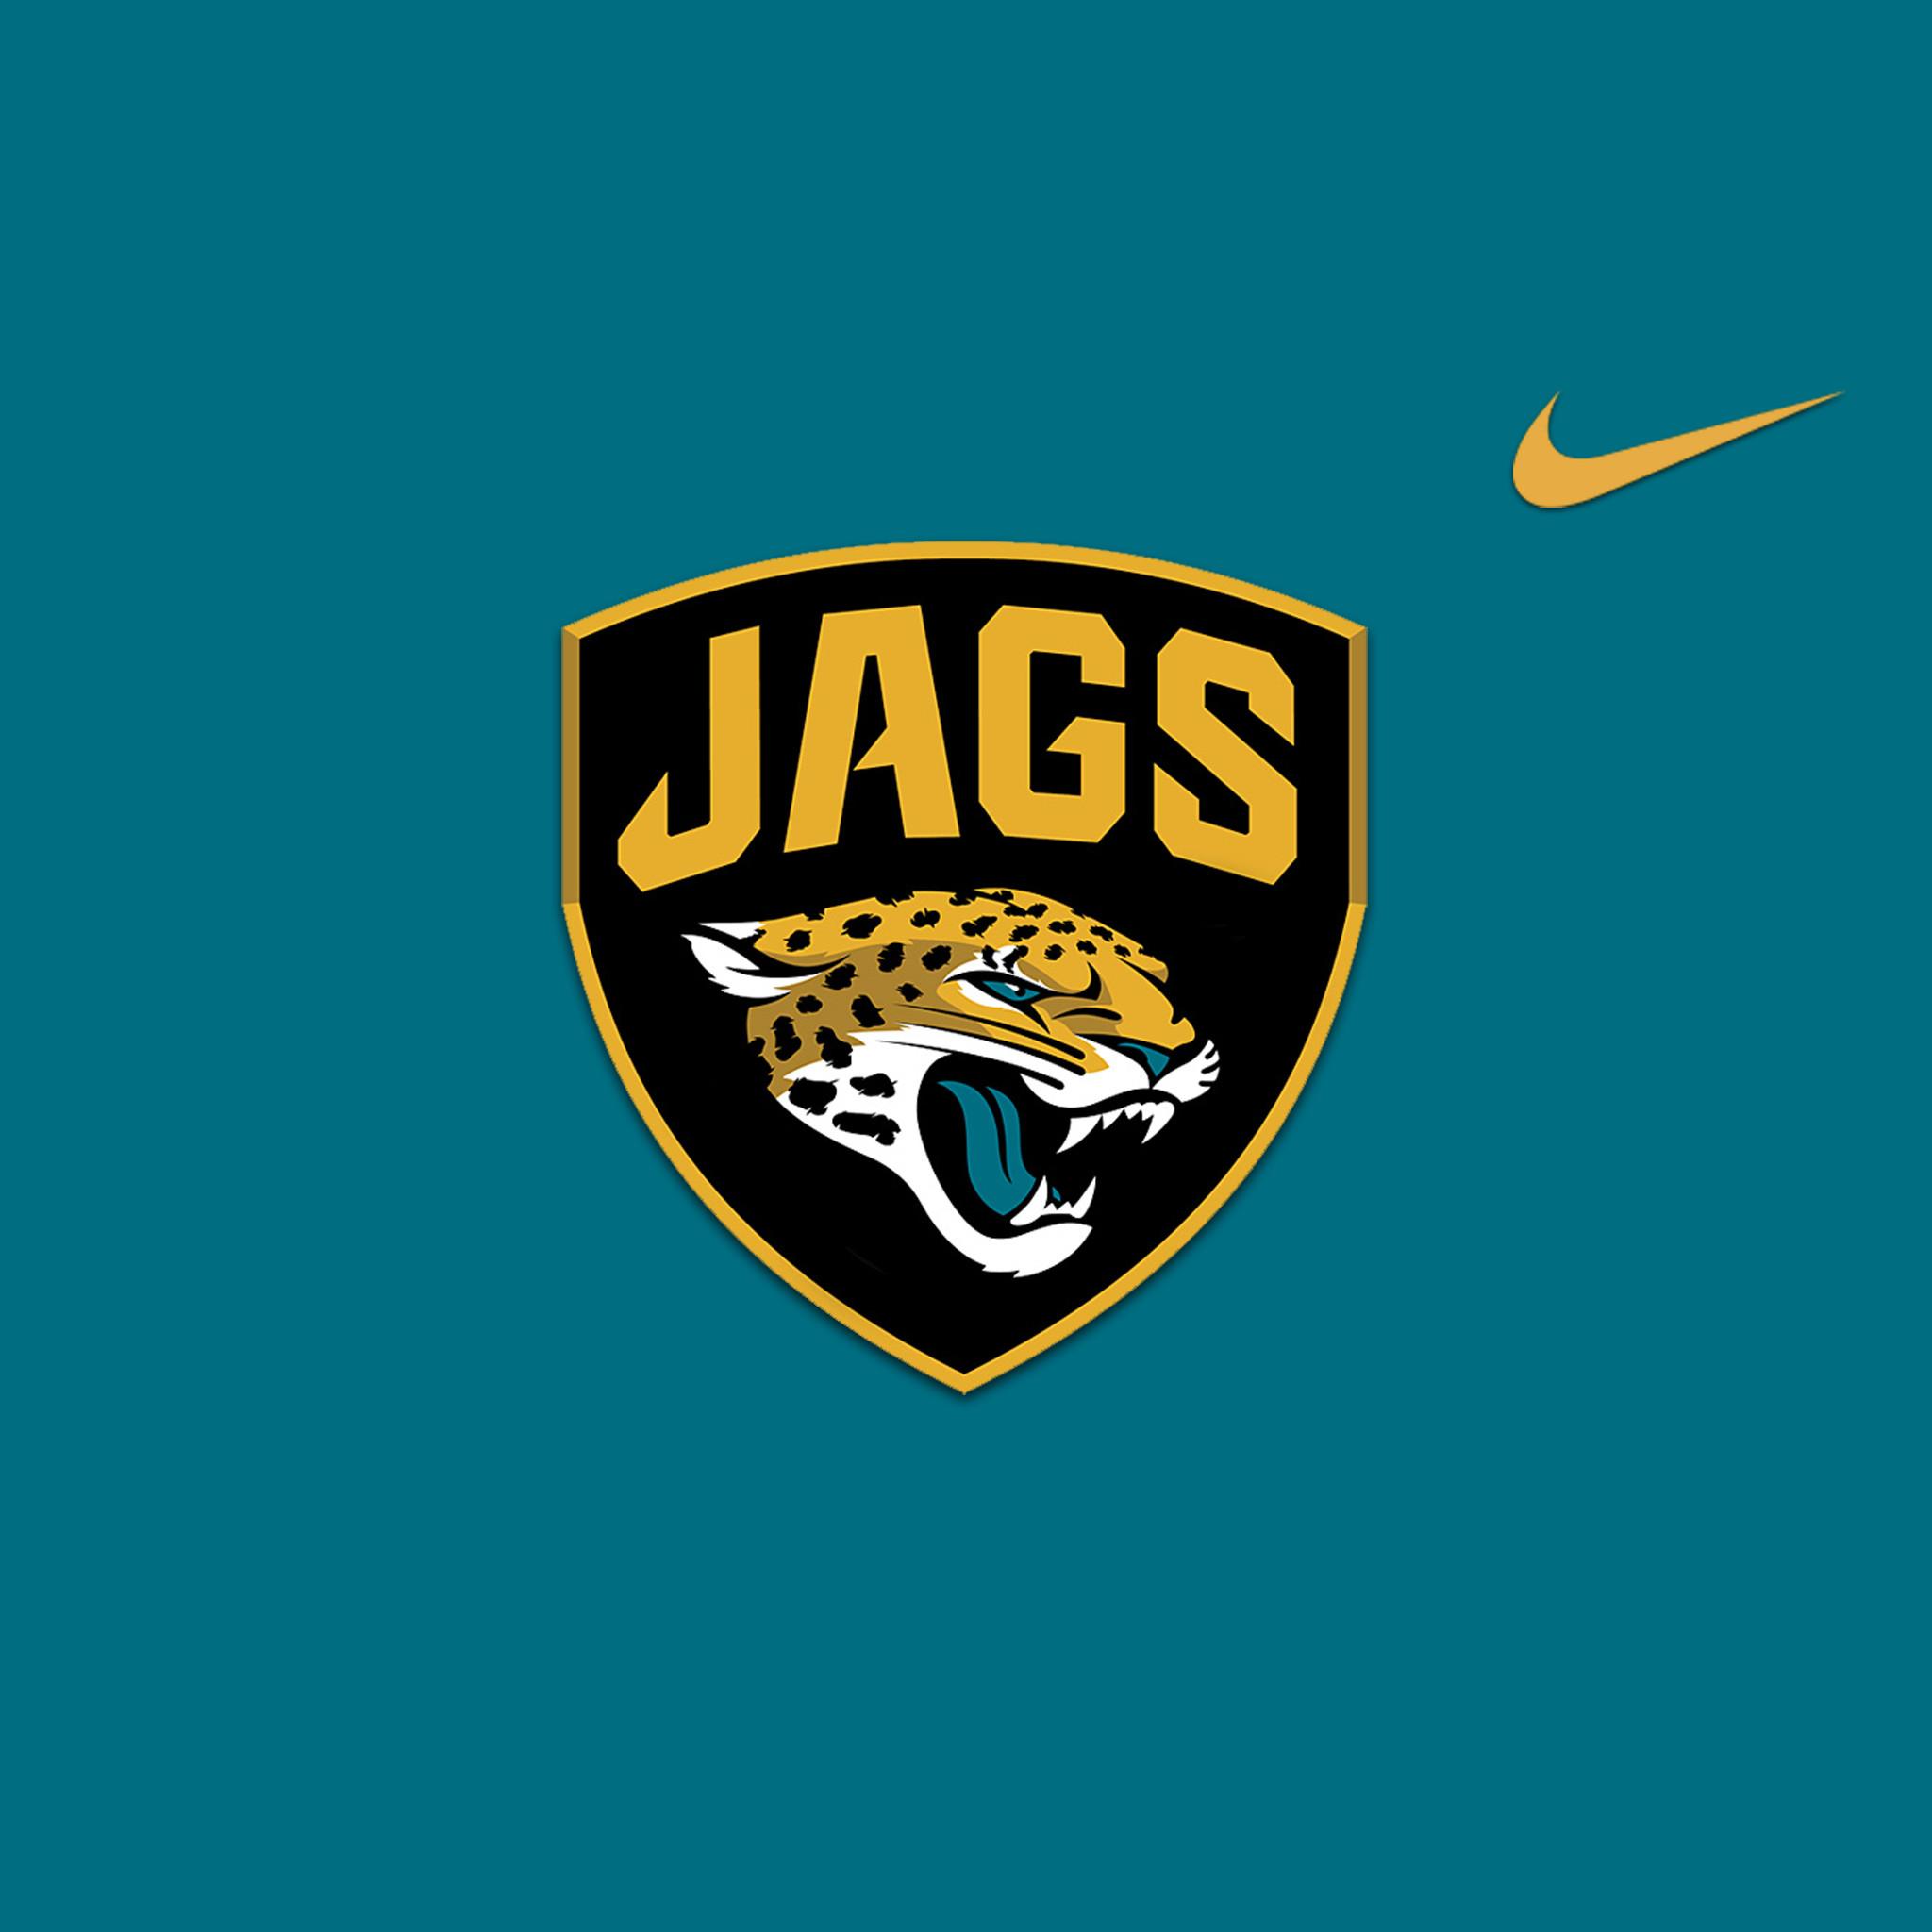 Jacksonville Jaguars 2048 02.png